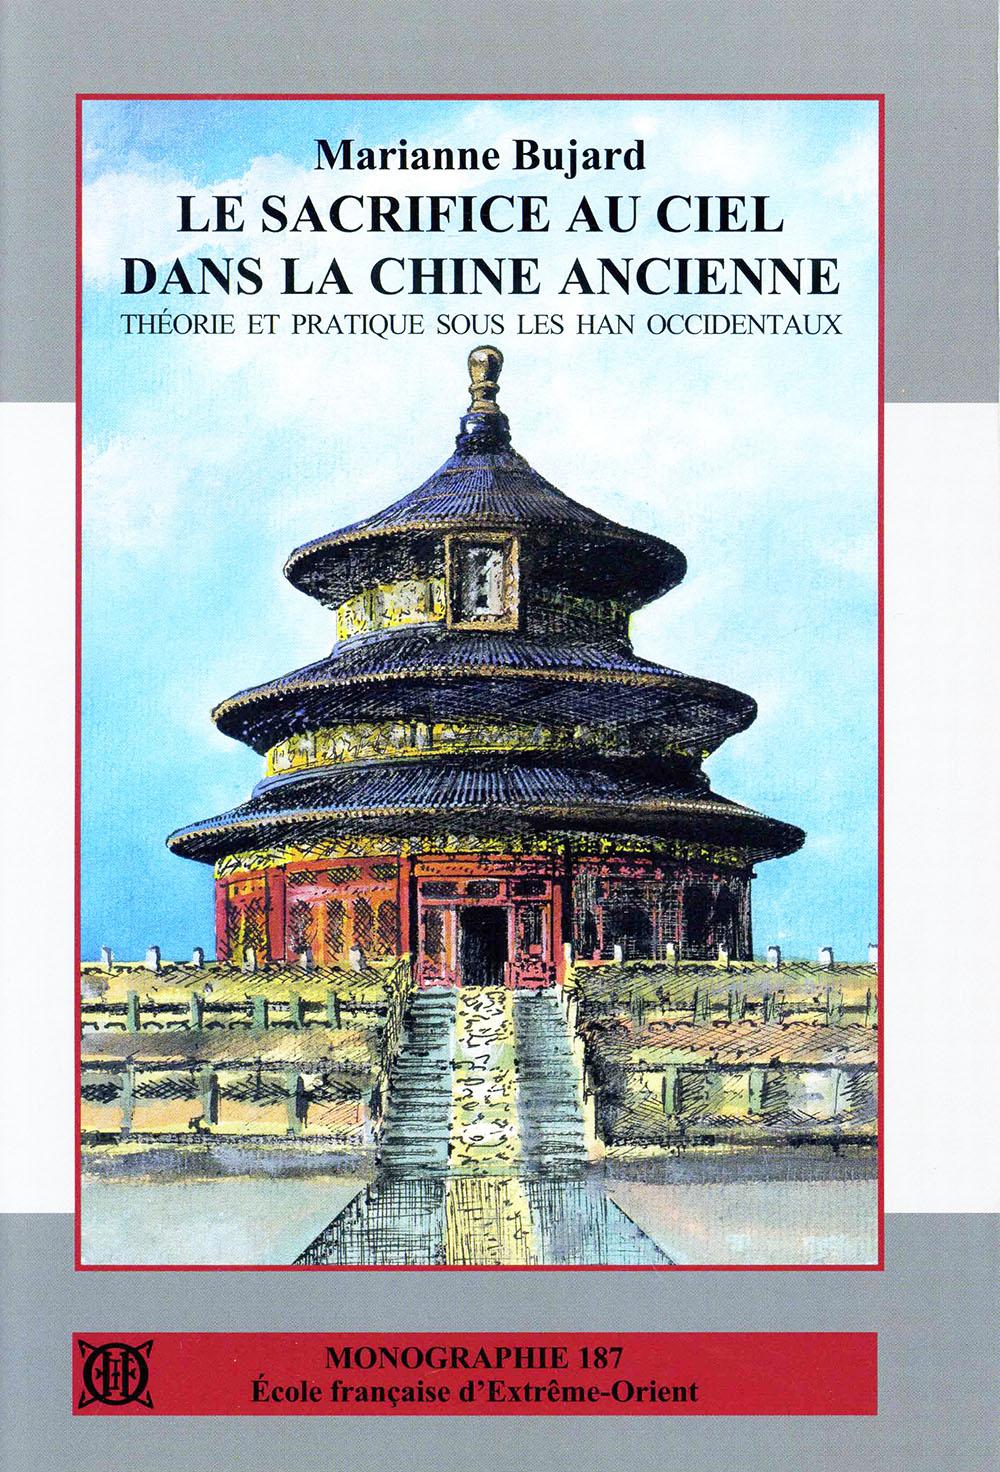 Le sacrifice au Ciel dans la Chine ancienne : théorie et pratique sous les Han occidentaux.